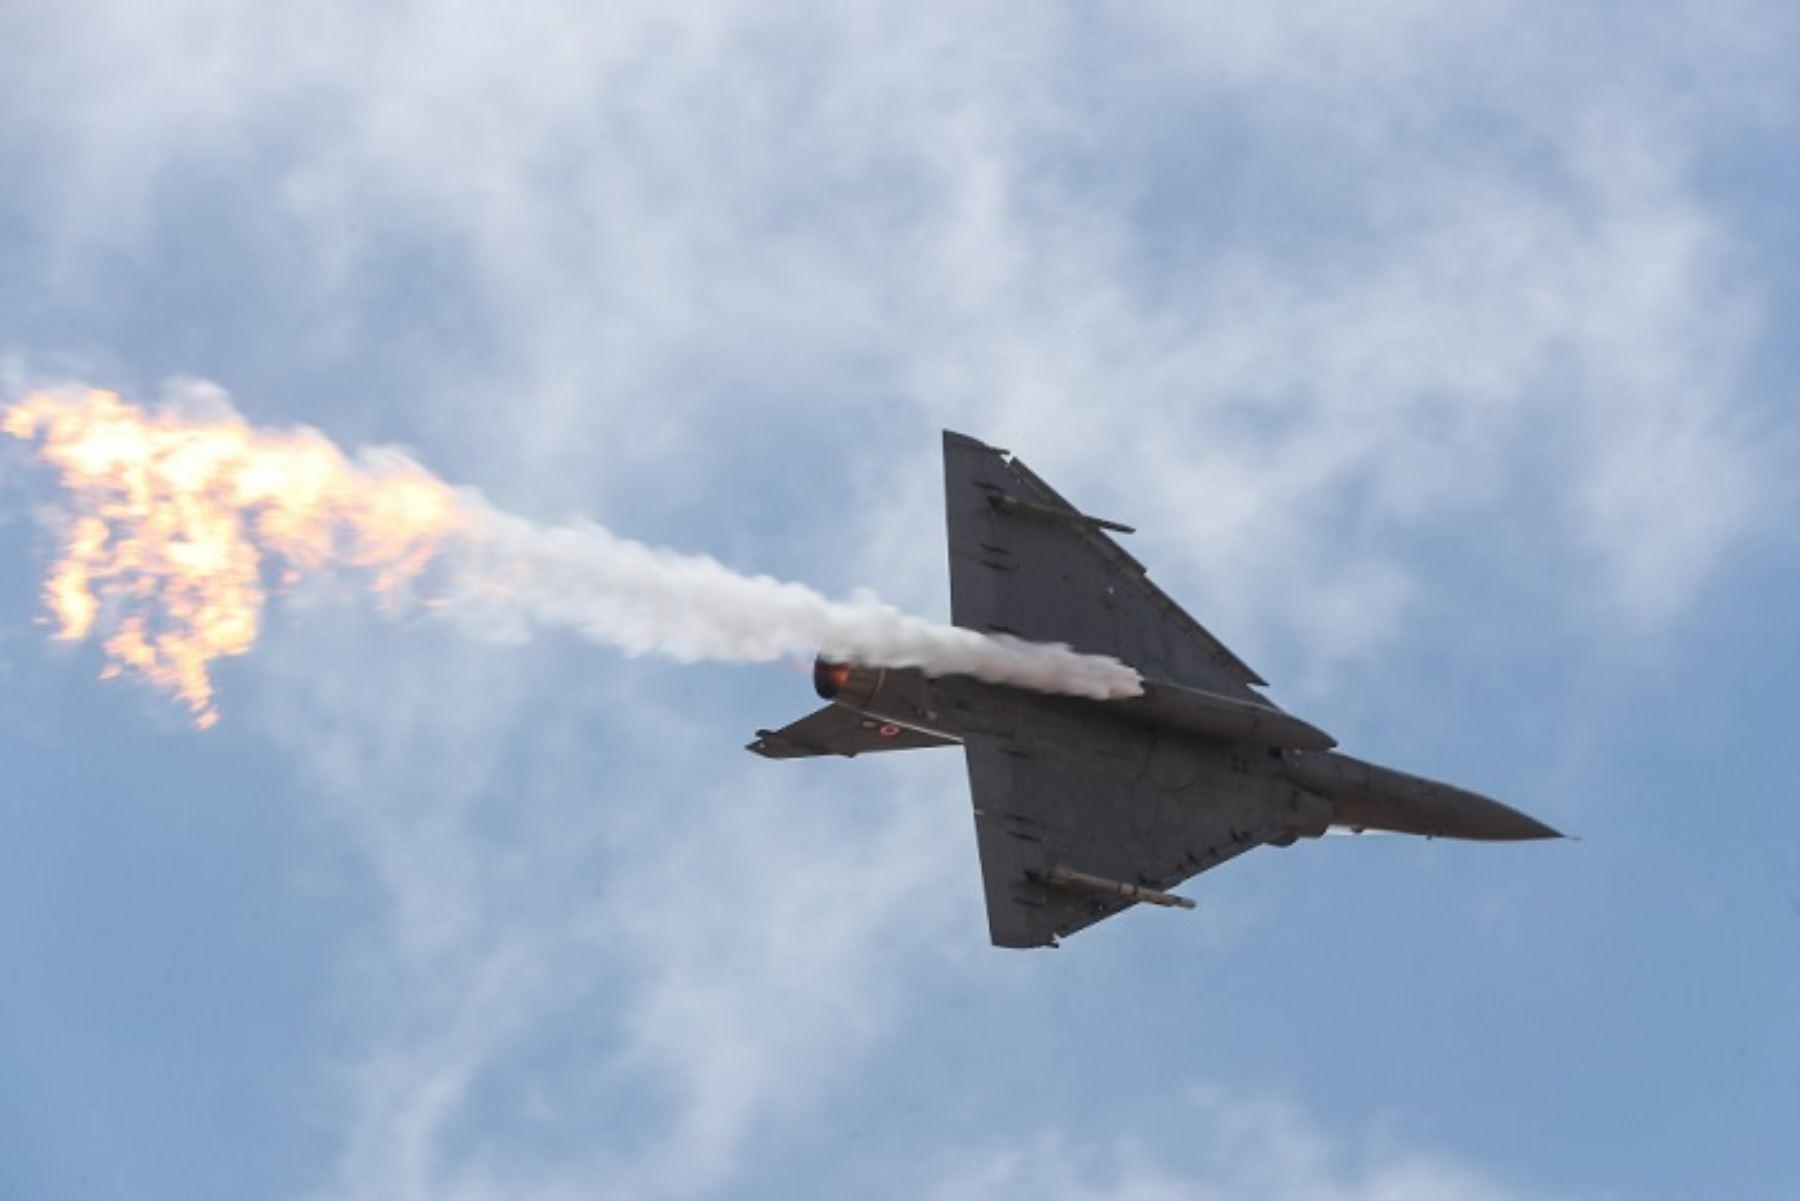 La maniobra movilizó a más de 2 mil efectivos del Ejército, Marina de Guerra y Fuerza Aérea